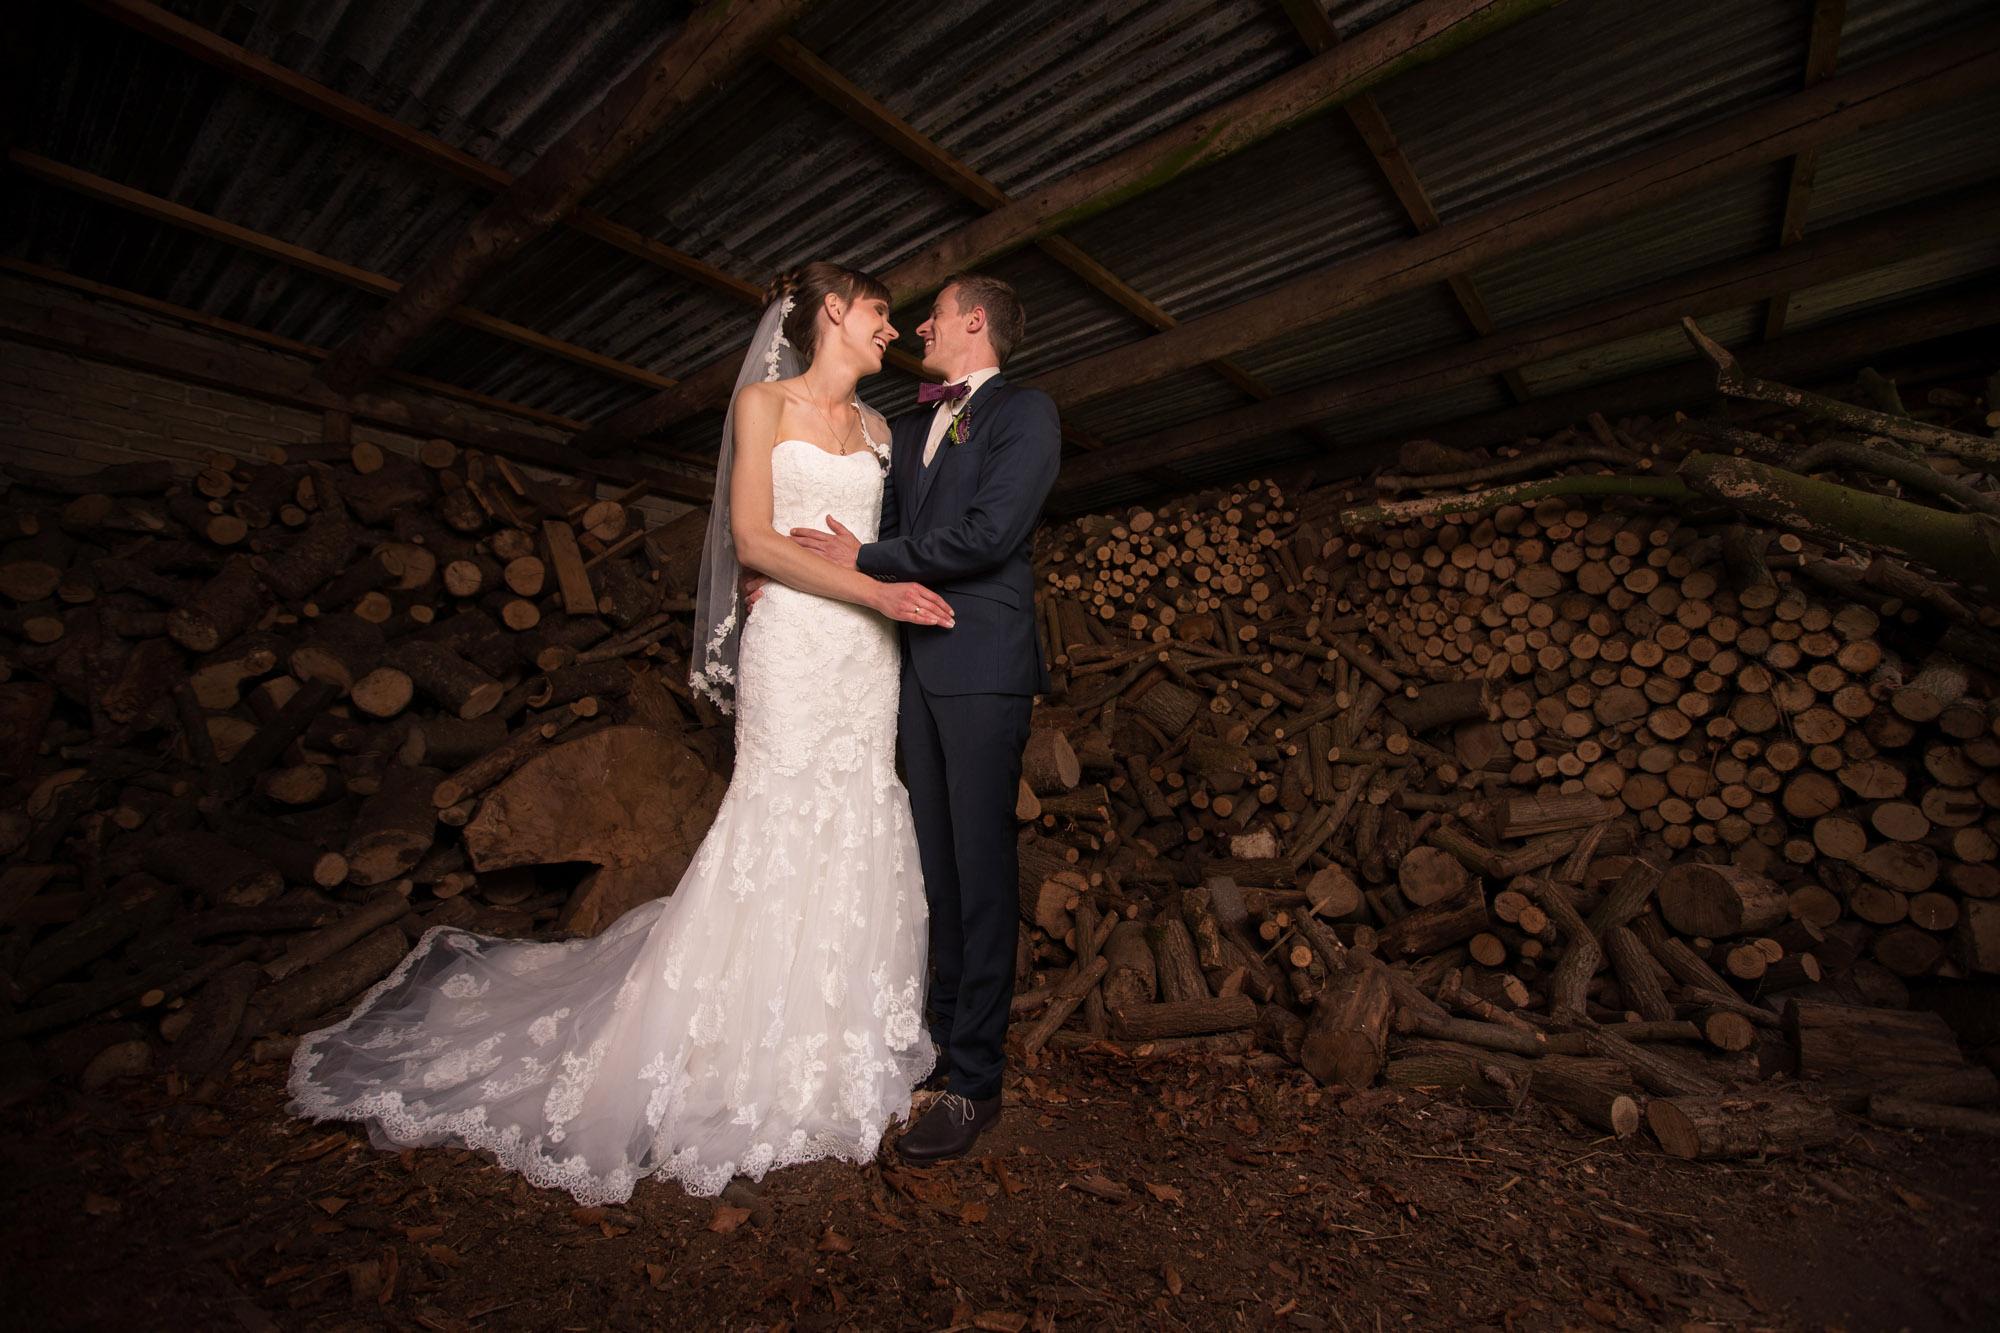 Krælighed i brændeskuret – kreative bryllupsbilleder